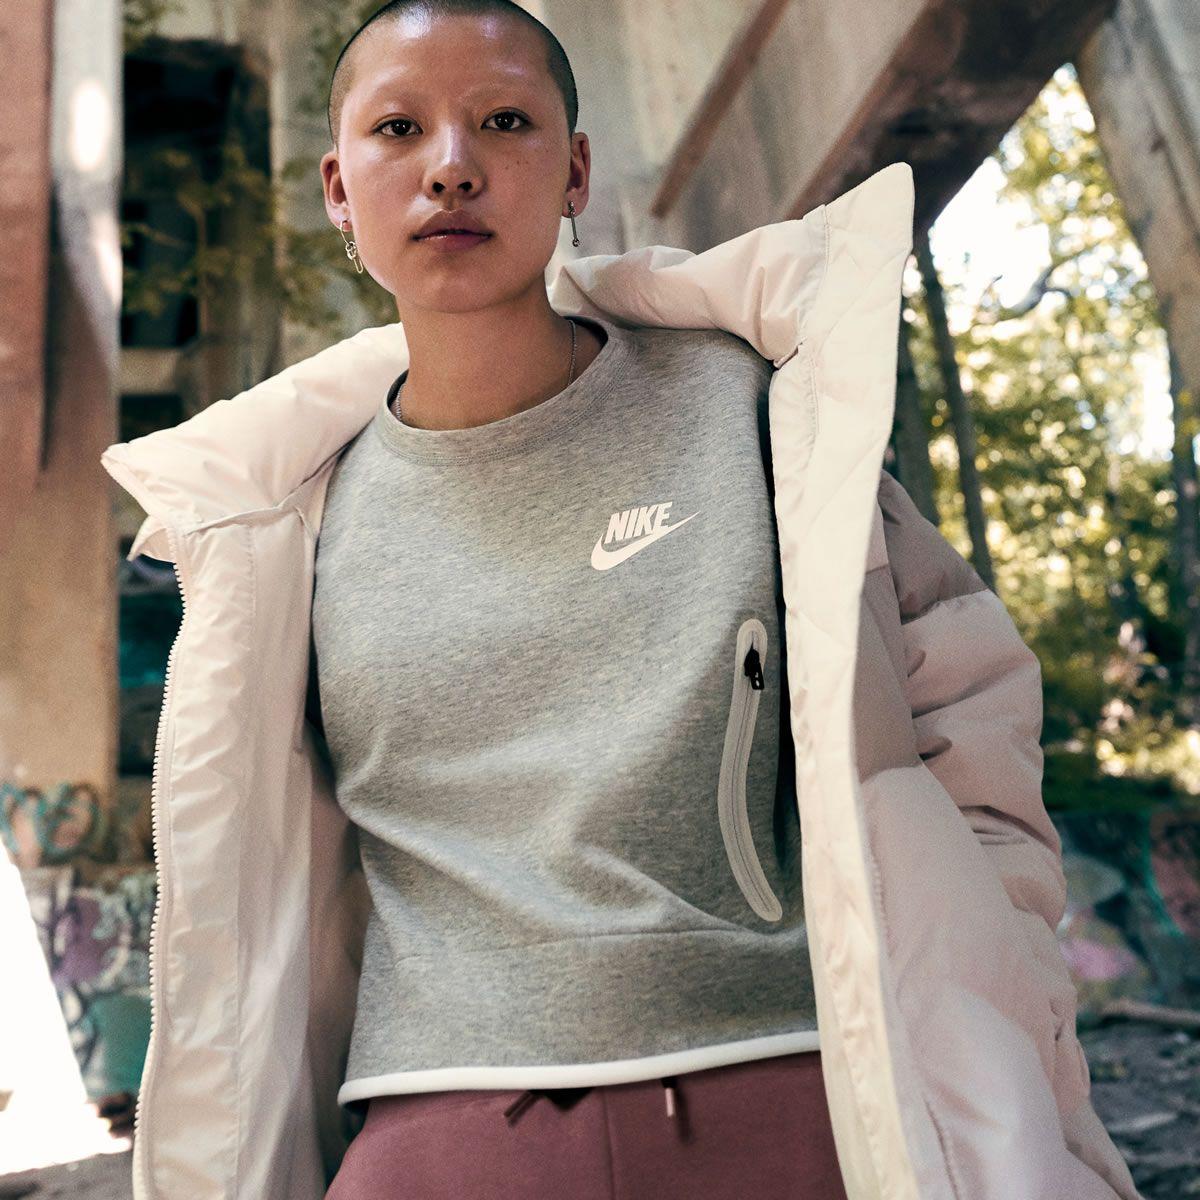 d921ffdfa08 Nike Clothing for Women 2019 - Macy s